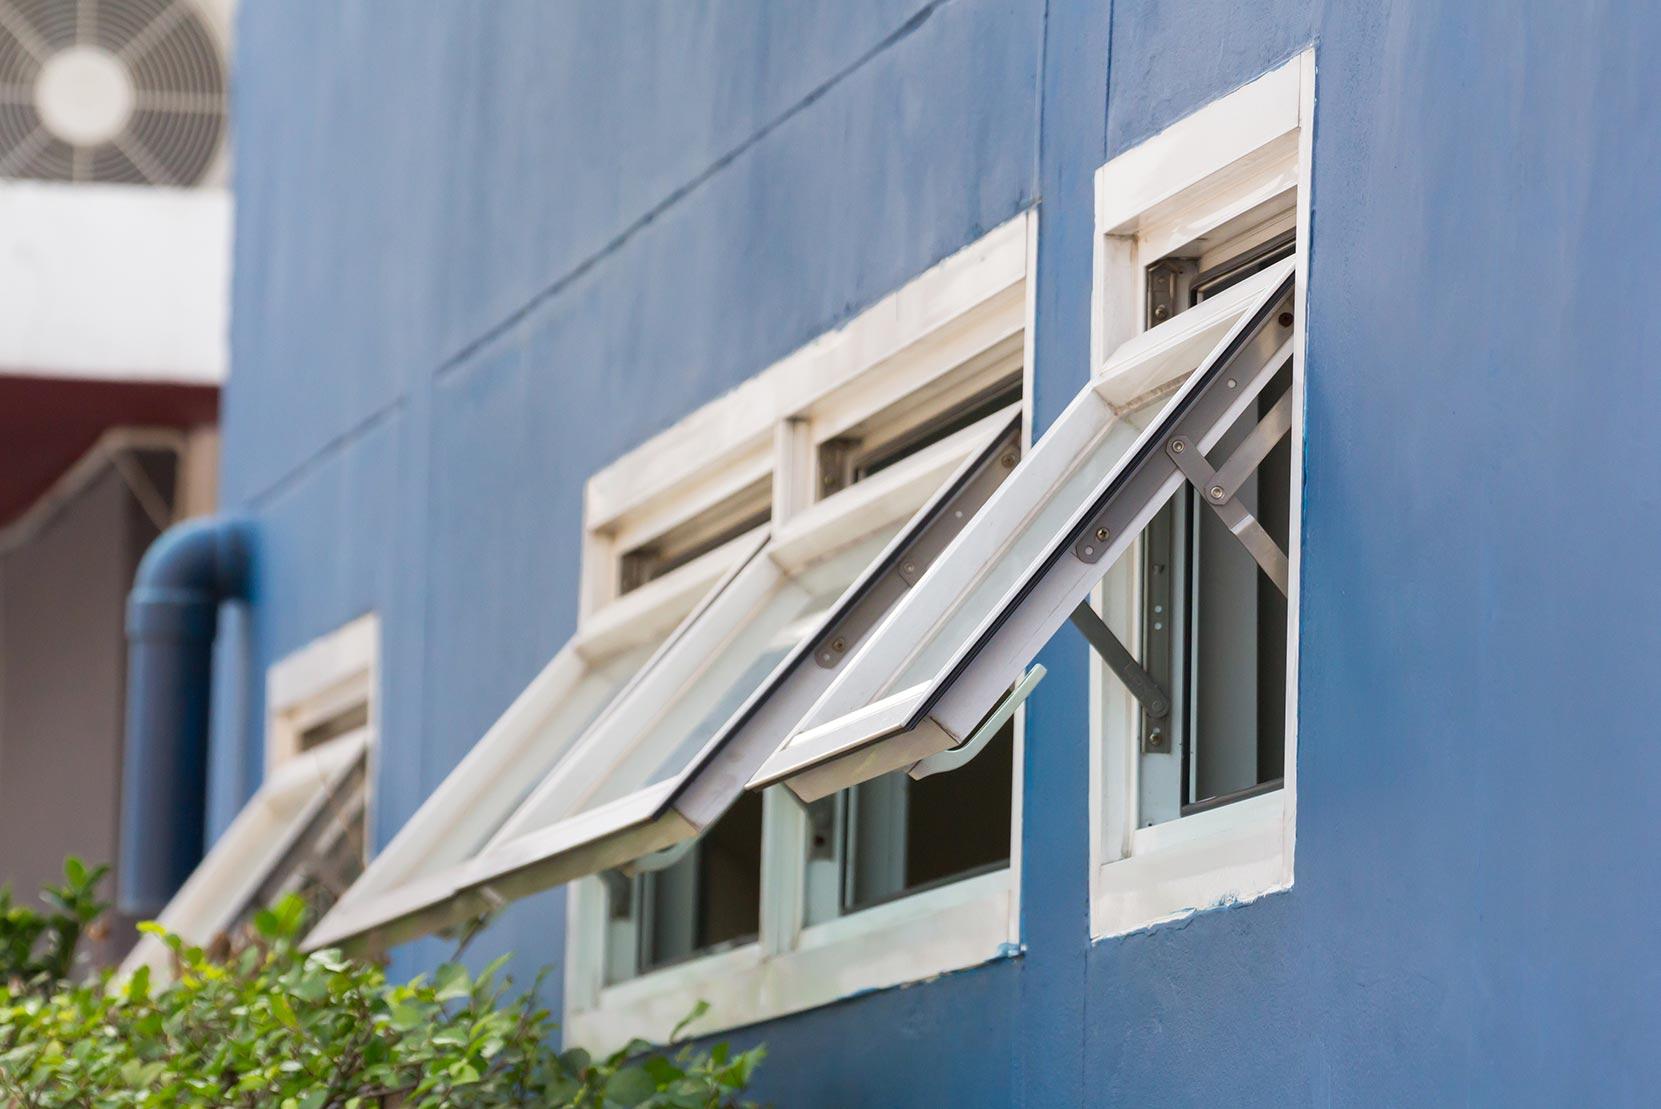 Klappfenster können in eine Richtung aufgeklappt werden und eignen sich als platzsparende Alternative zum Drehfenster.